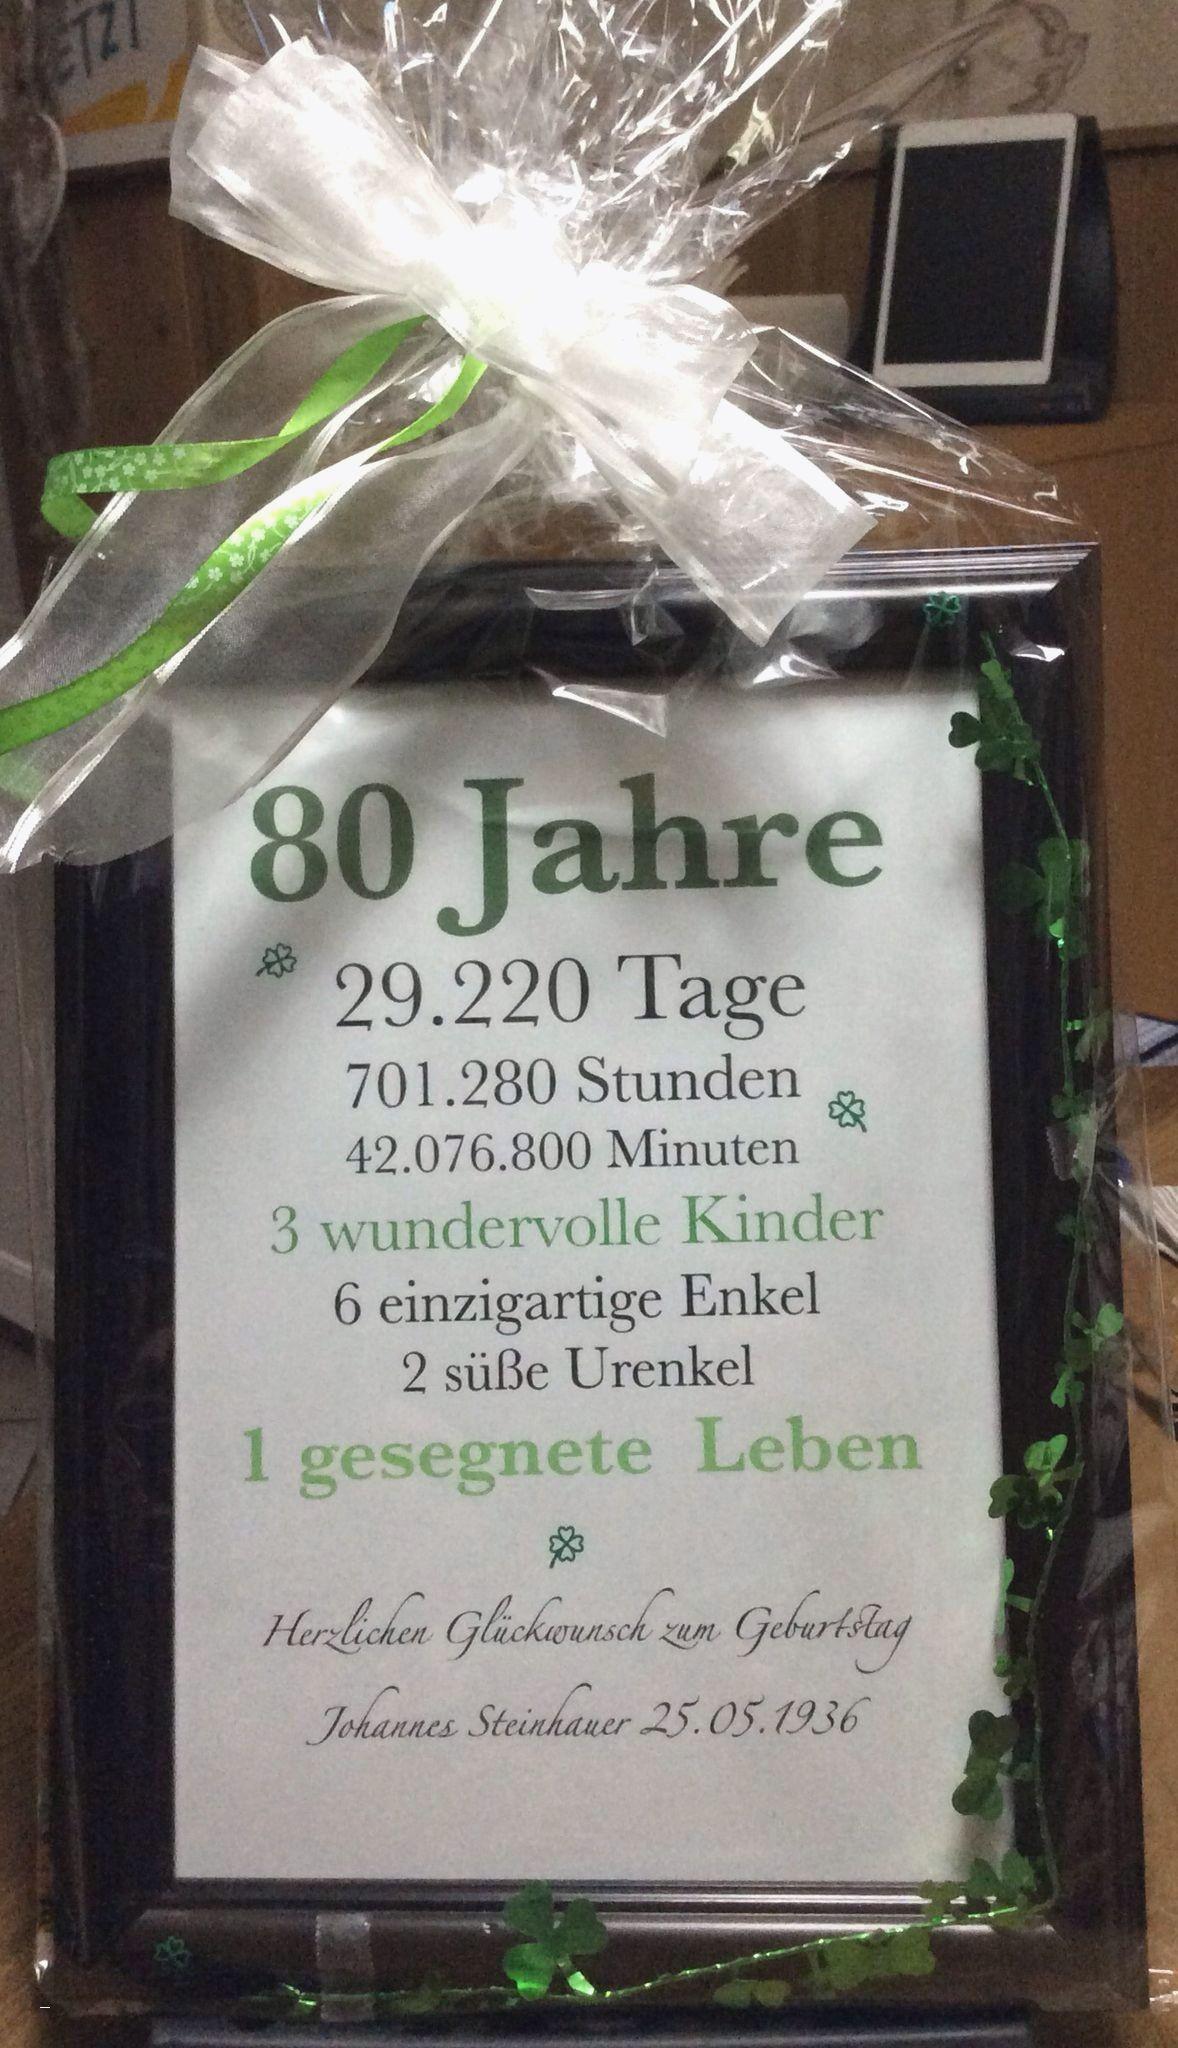 Geschenke Zum 60. Geburtstag Mutter  Geburtstag Opa Karte